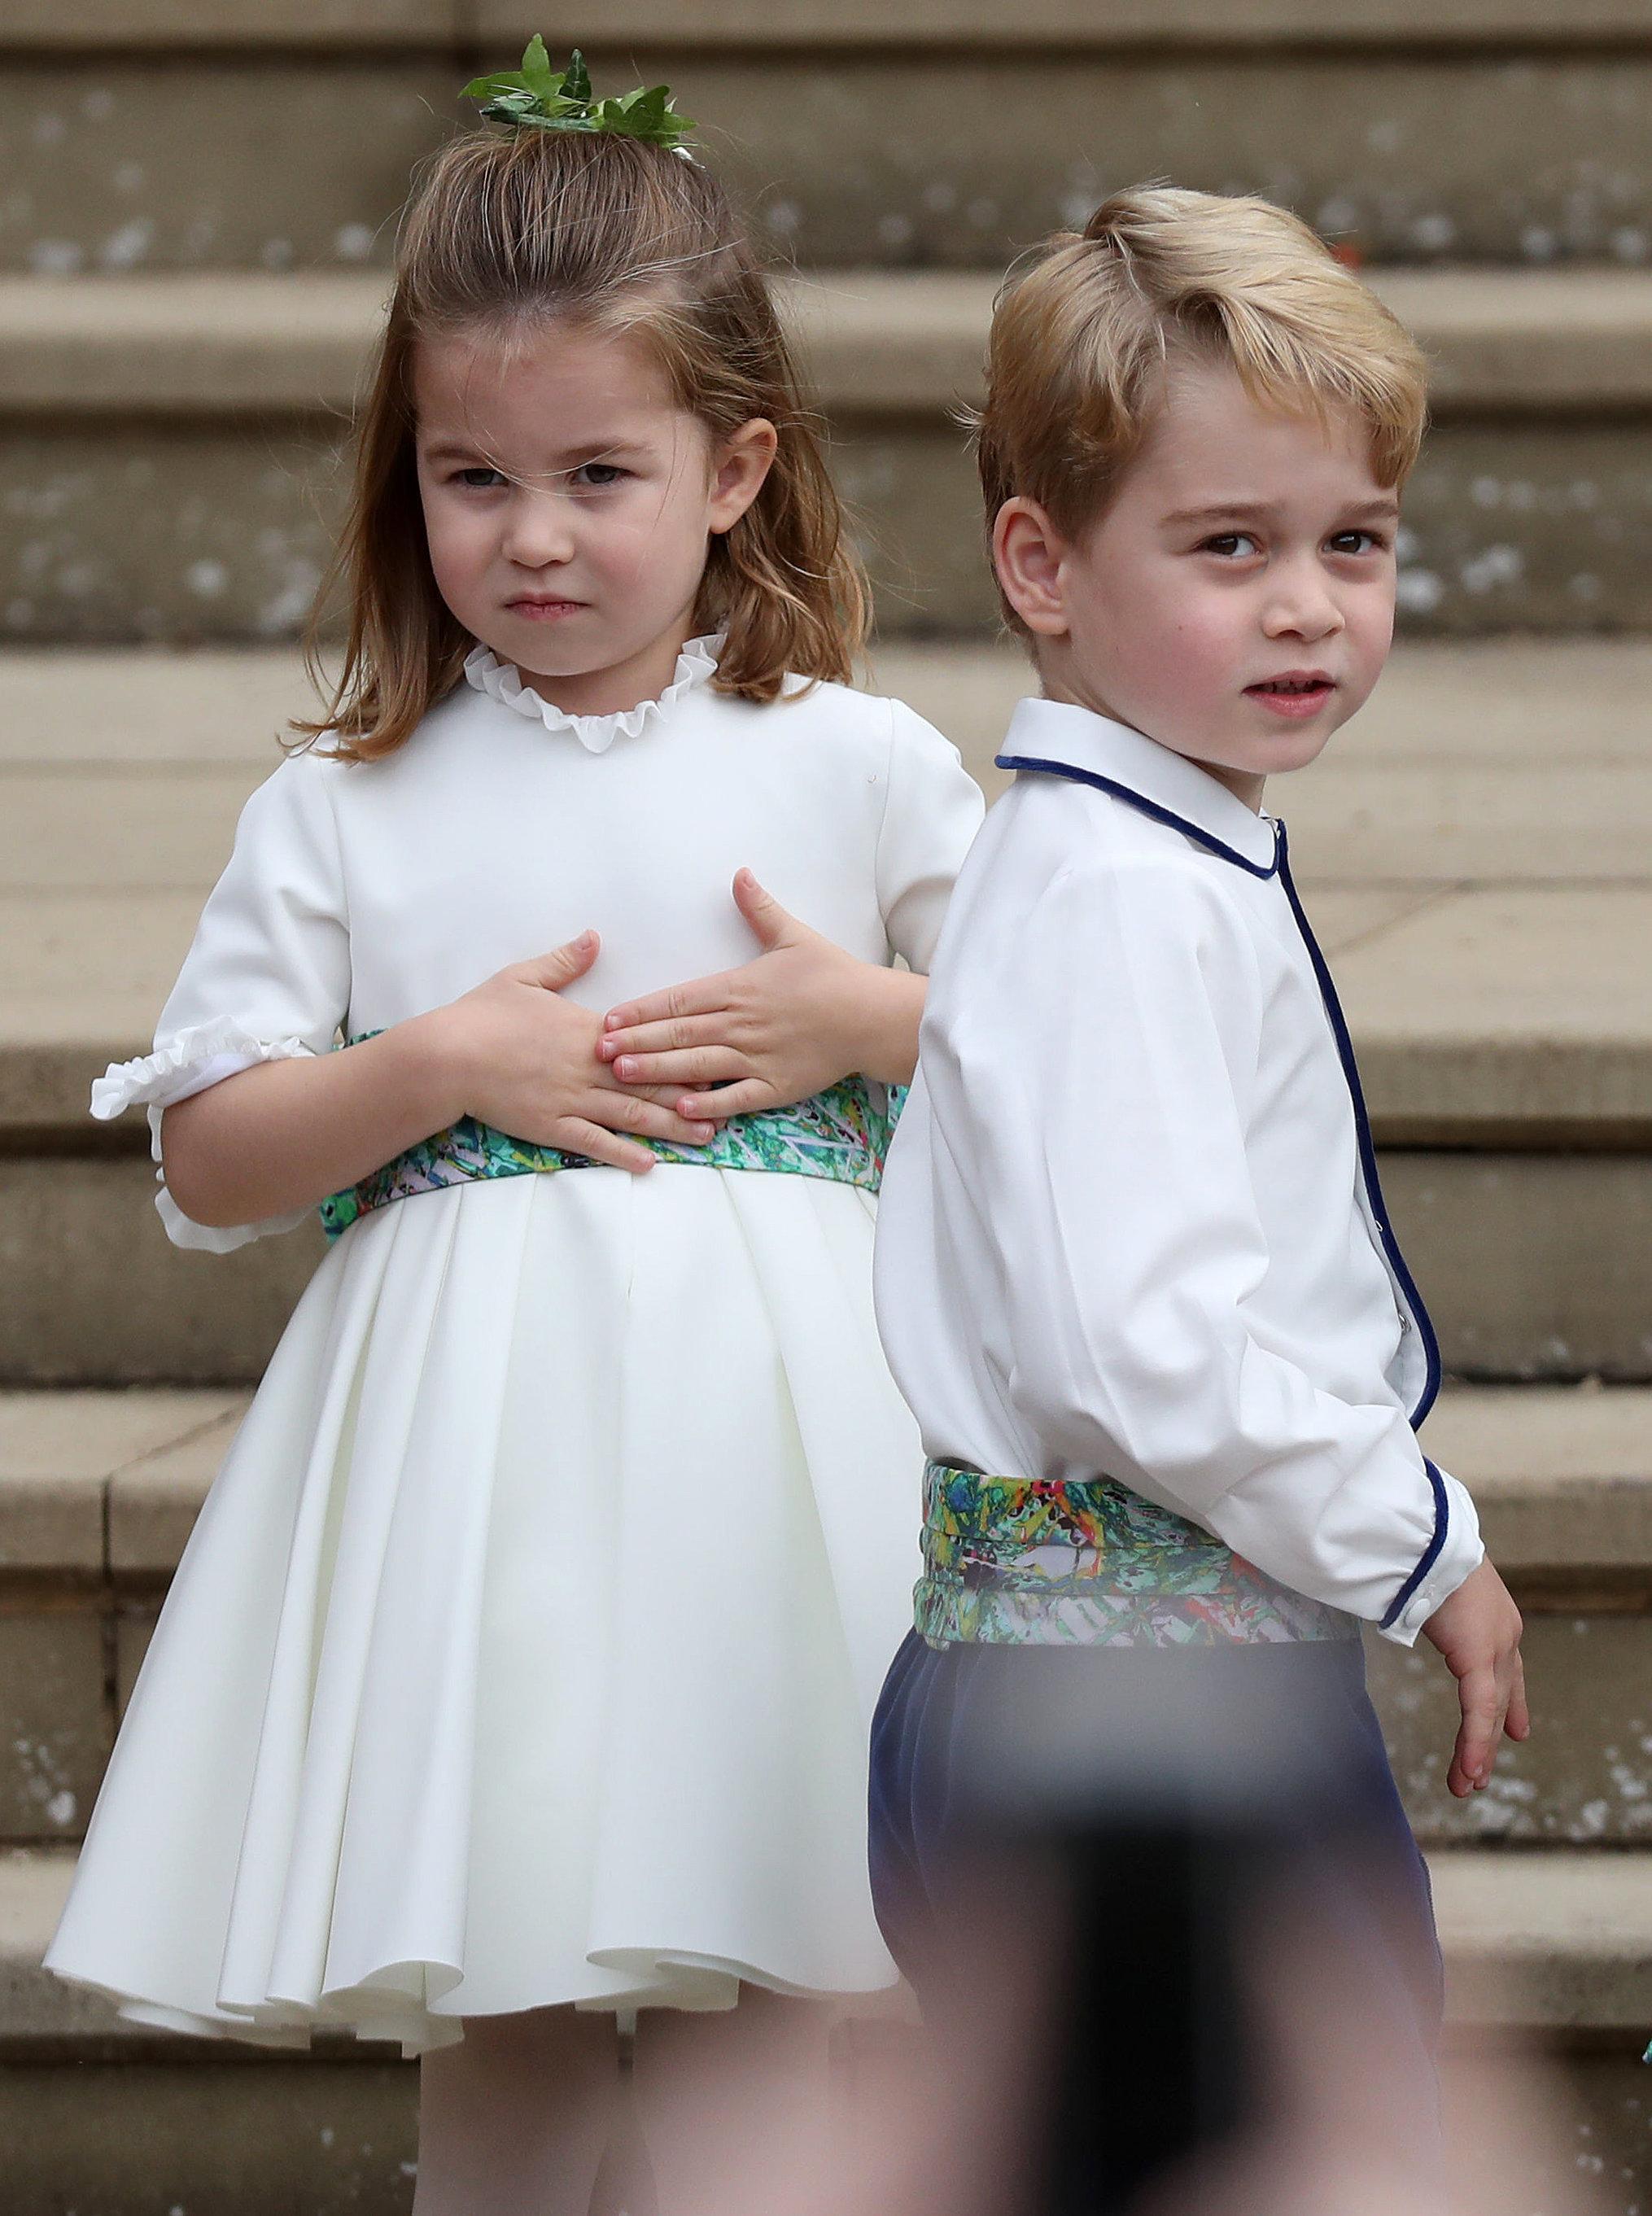 Prinzessin Charlotte und Prinz George mussten etwas länger auf die Geschenke warten.